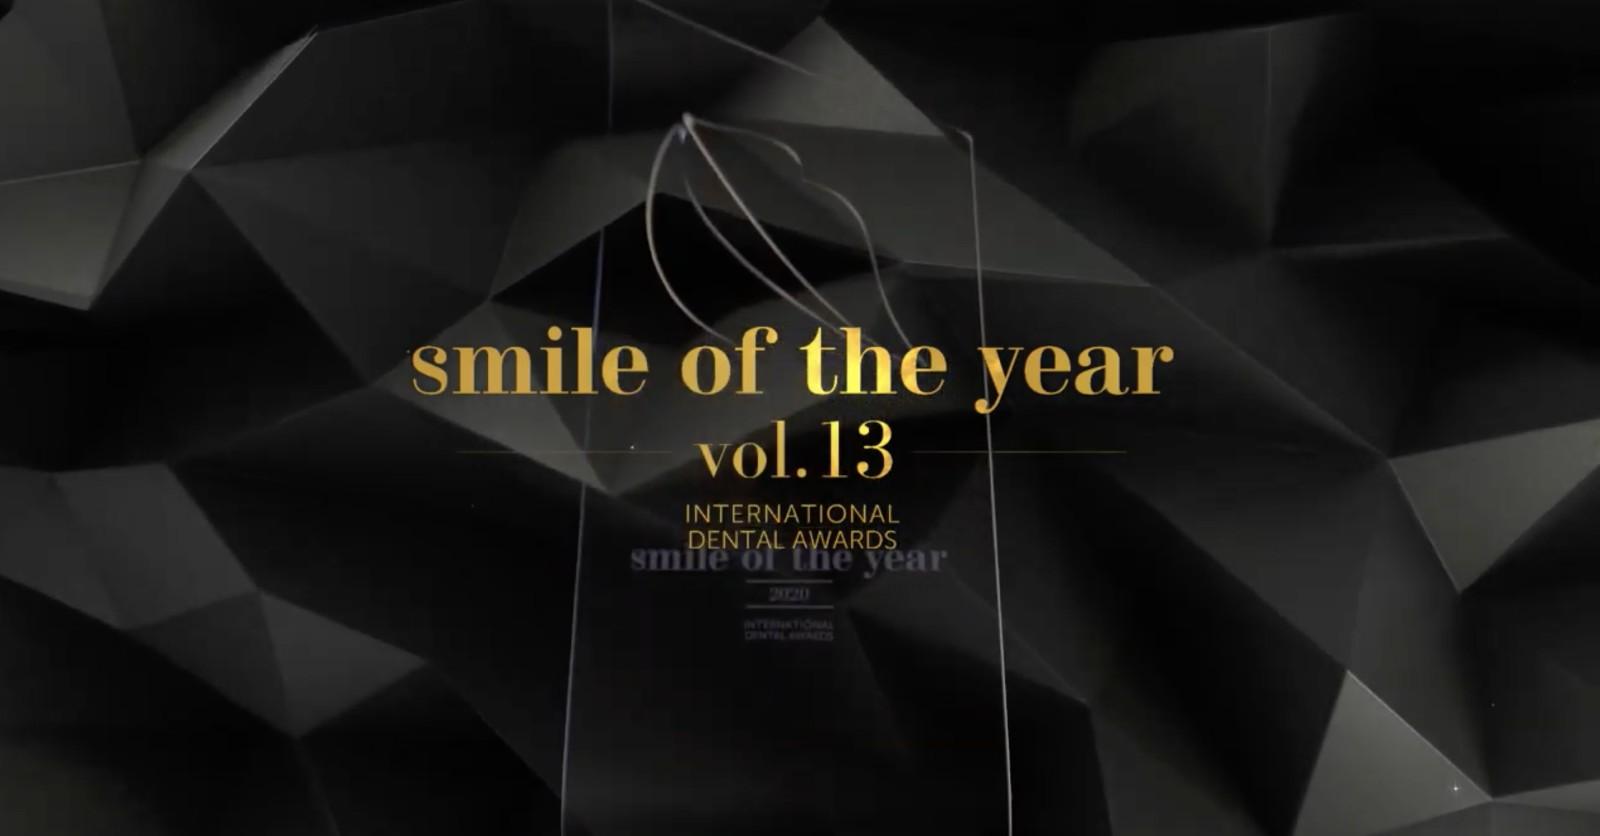 Първият международен конкурс Smile of the Year 2020 съобщи наградените с бляскава онлайн церемония